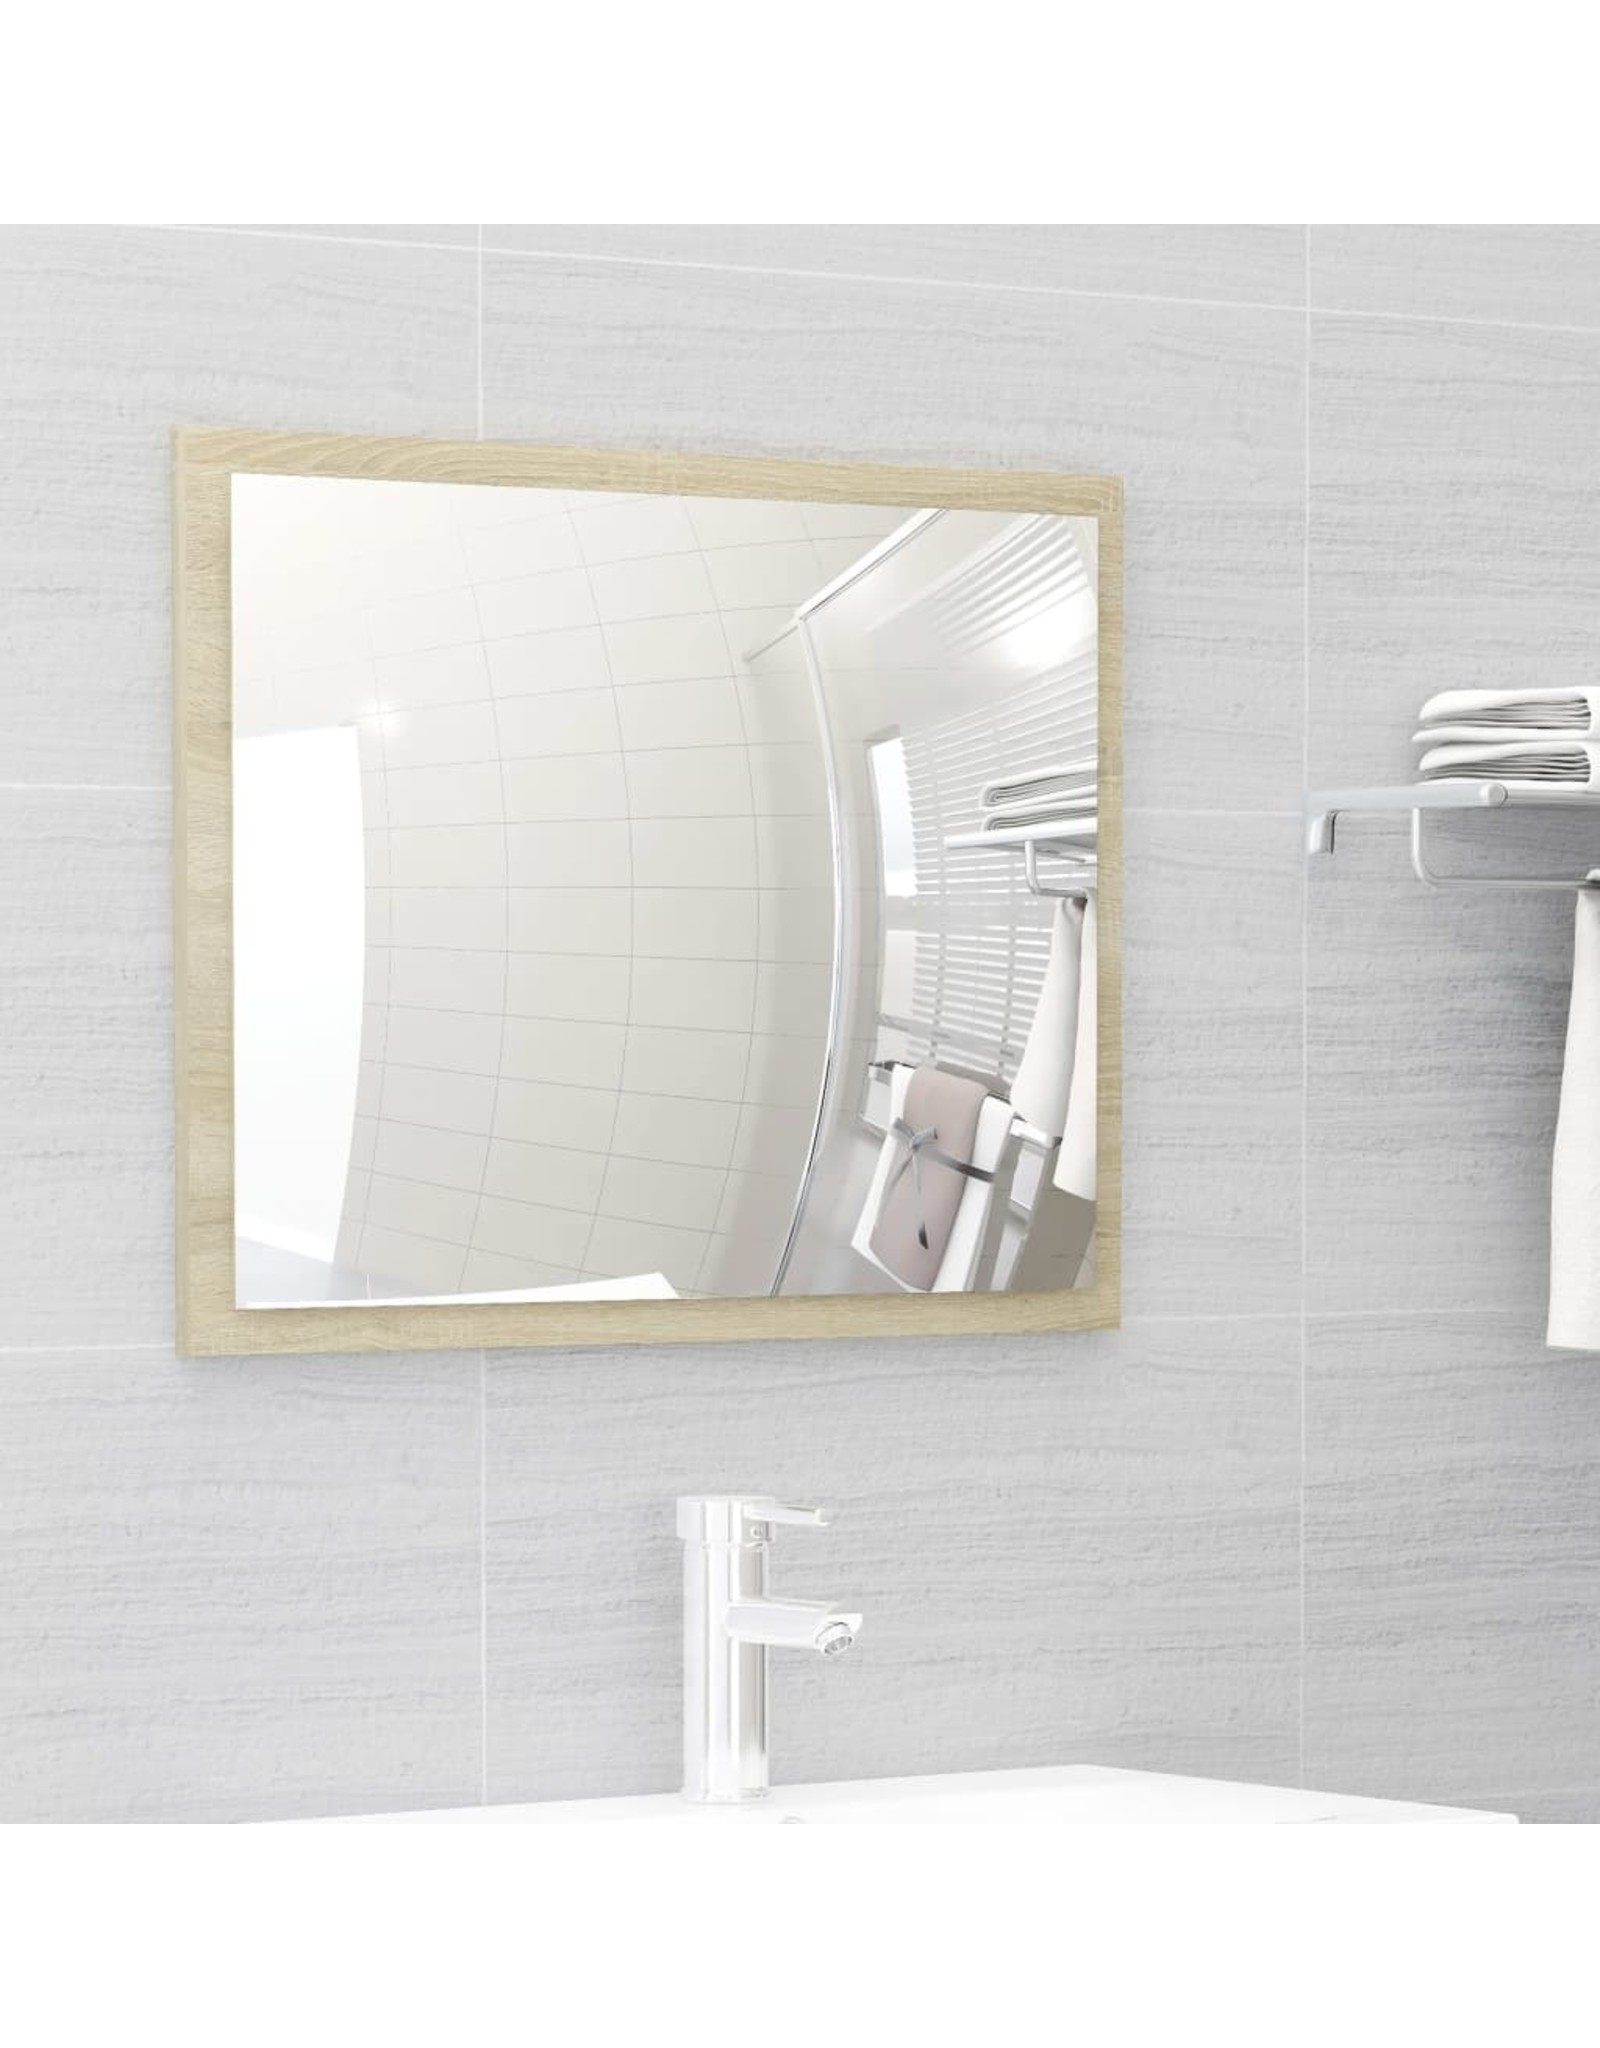 Badkamermeubelset spaanplaat wit en sonoma eikenkleurig